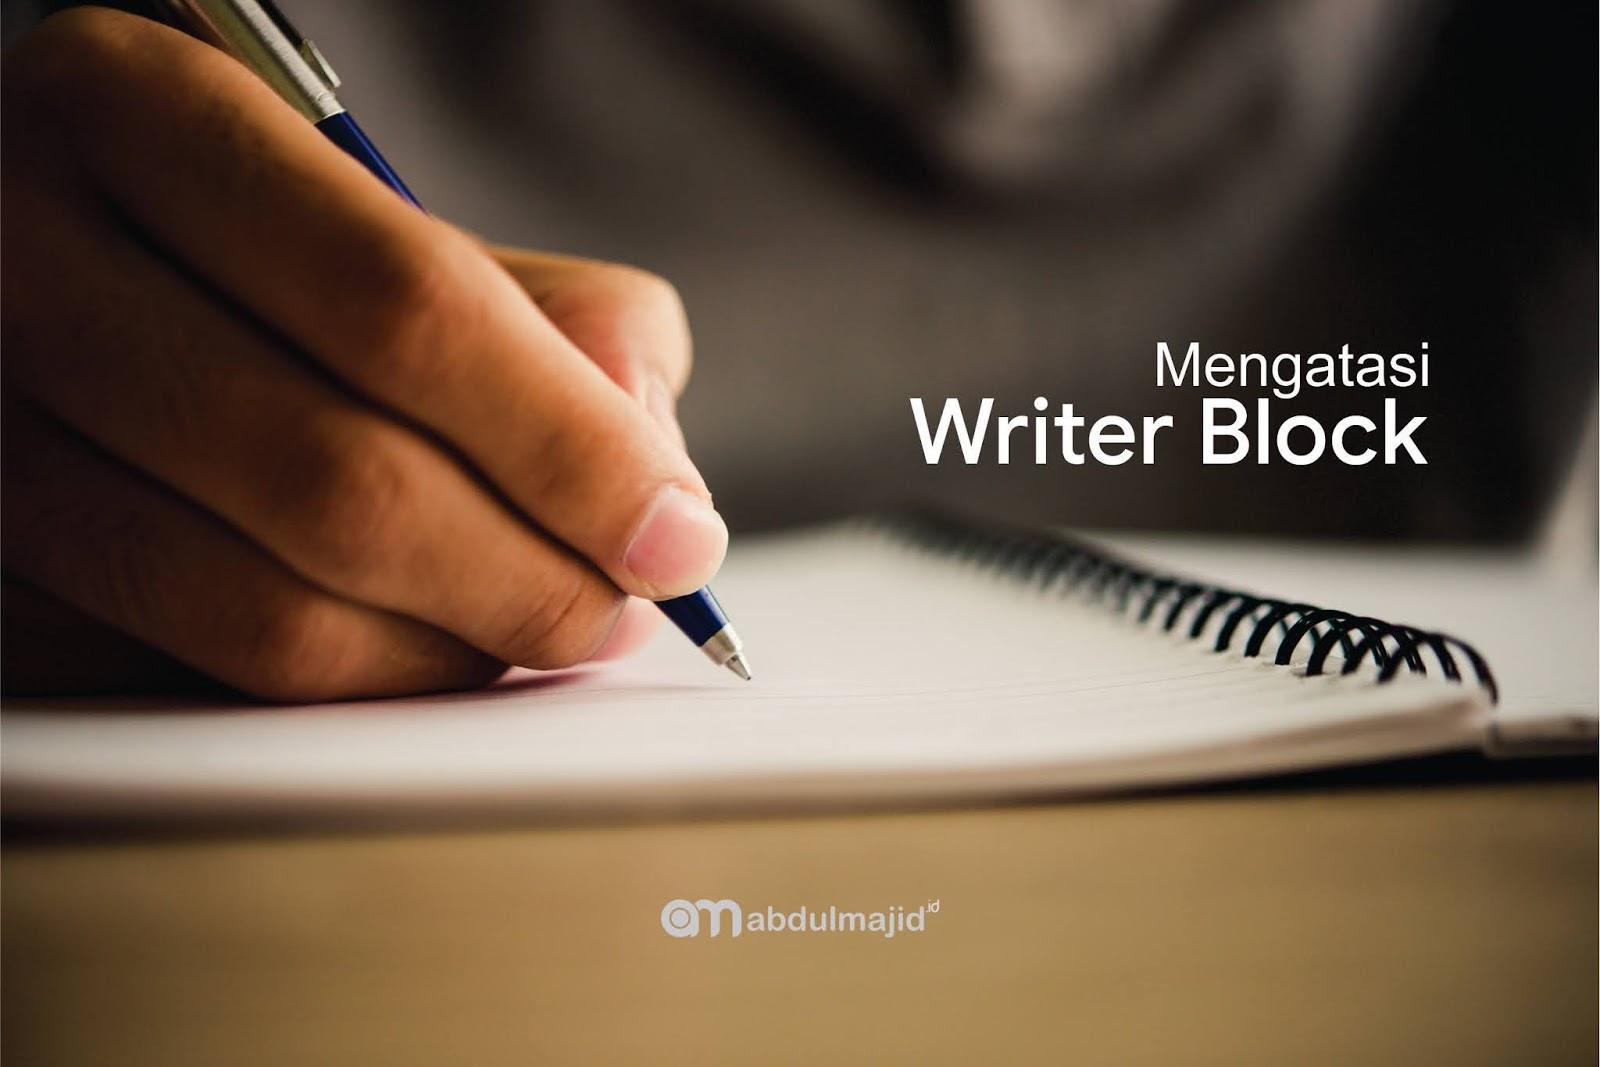 mengatasi-writer-block